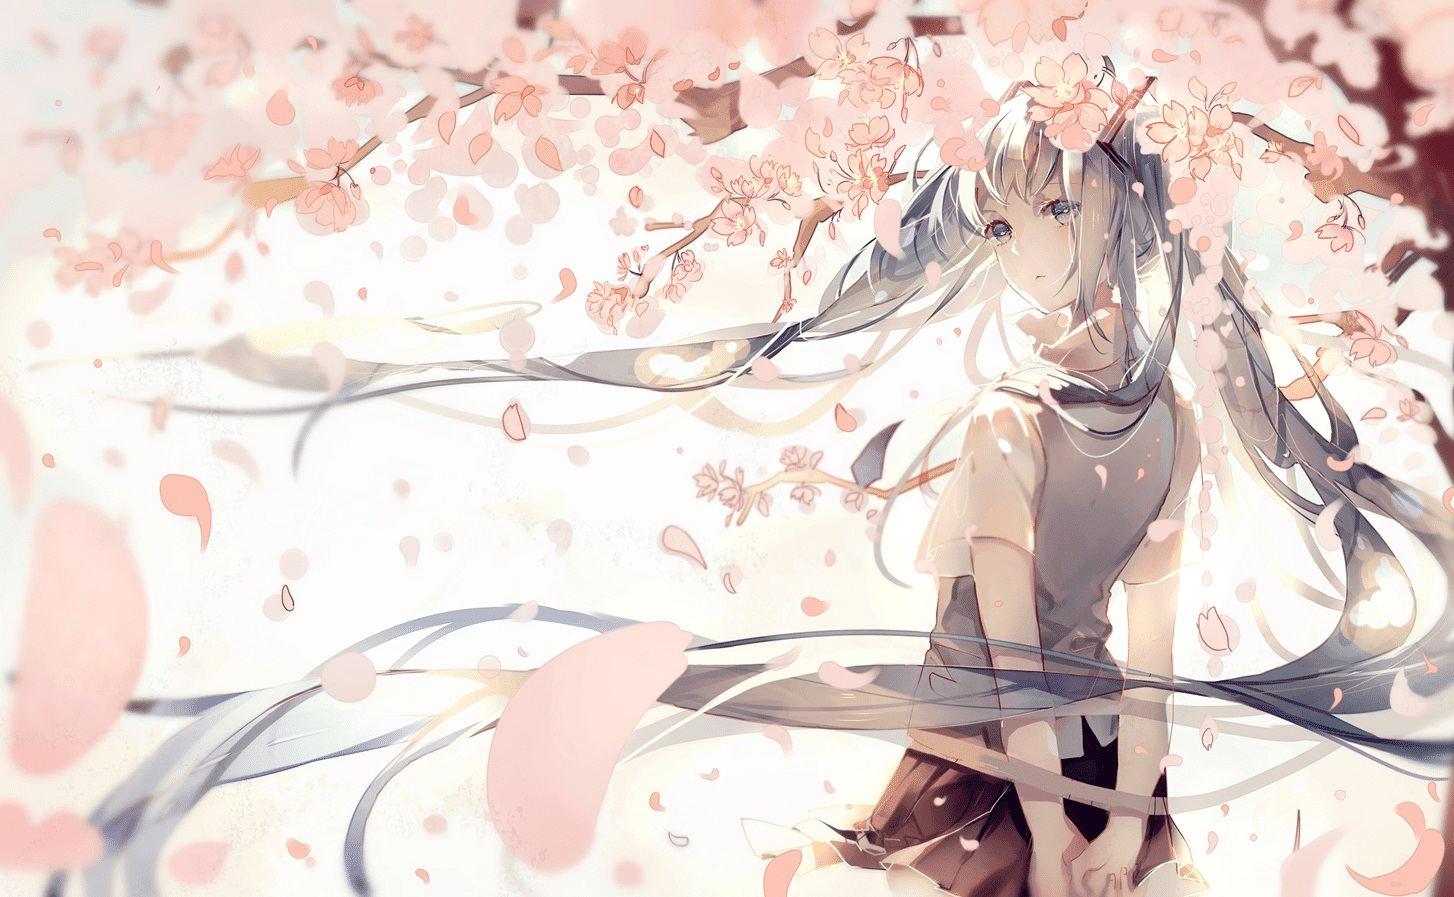 如雪花般飞舞的花瓣。